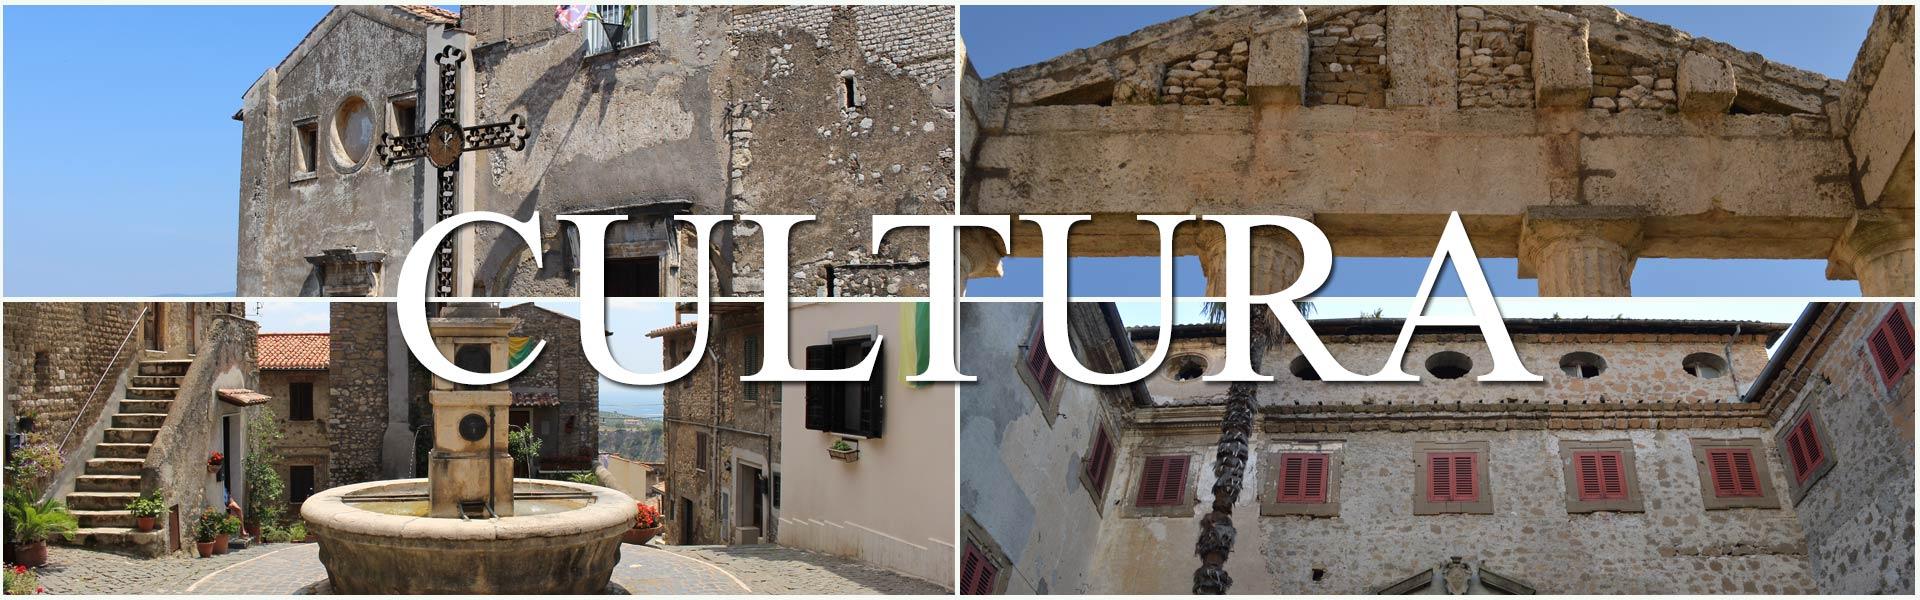 progetto-restyling-sito-cori-cultura1920x600